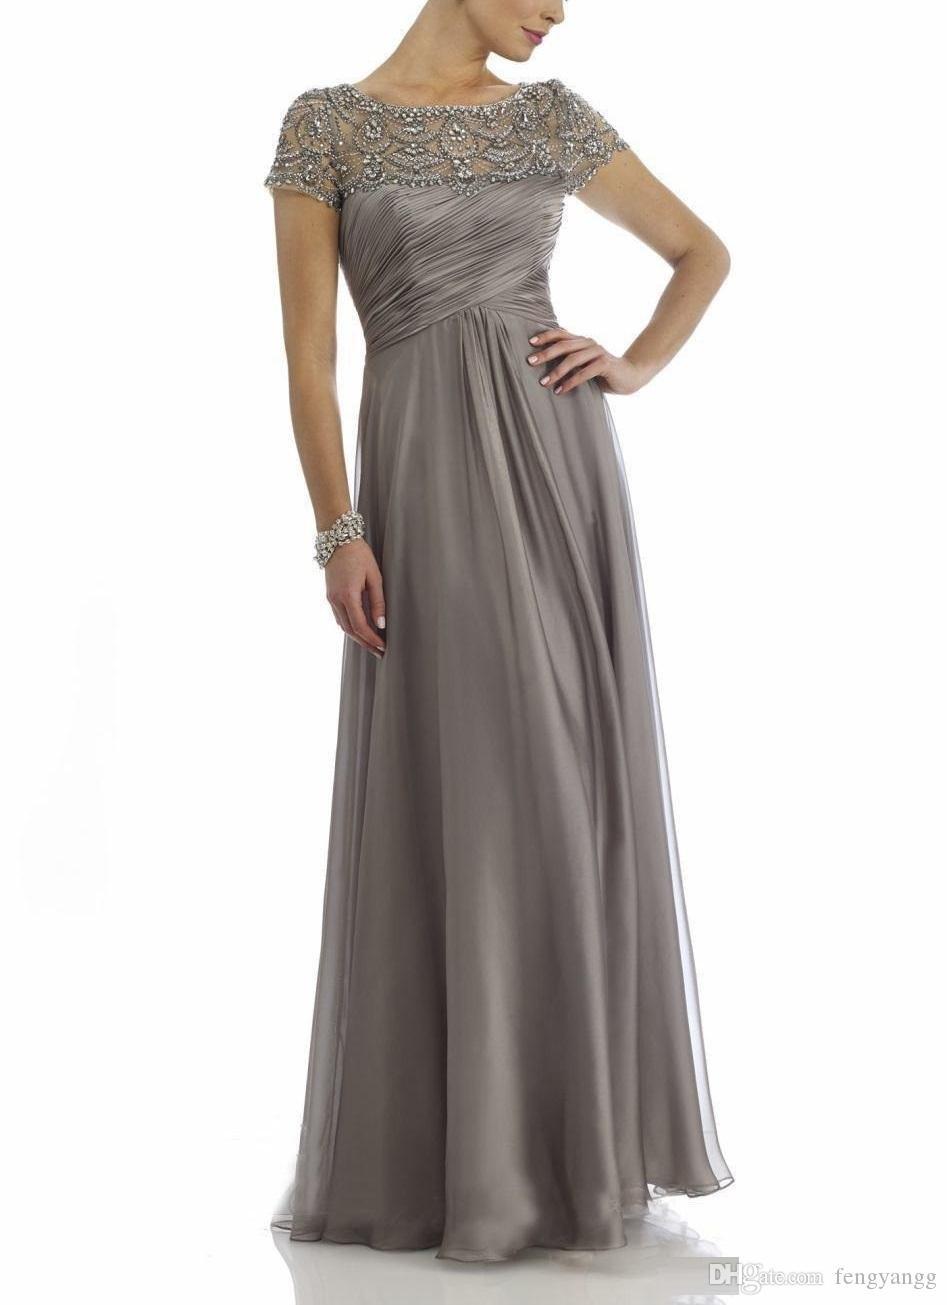 Großhandel Mutter Der Braut Kleid Vintage Chiffon Hochzeit Party Kleider  Hohe Qualität Kurze Ärmel Abendkleid Benutzerdefinierte Größe Von  Fengyangg,